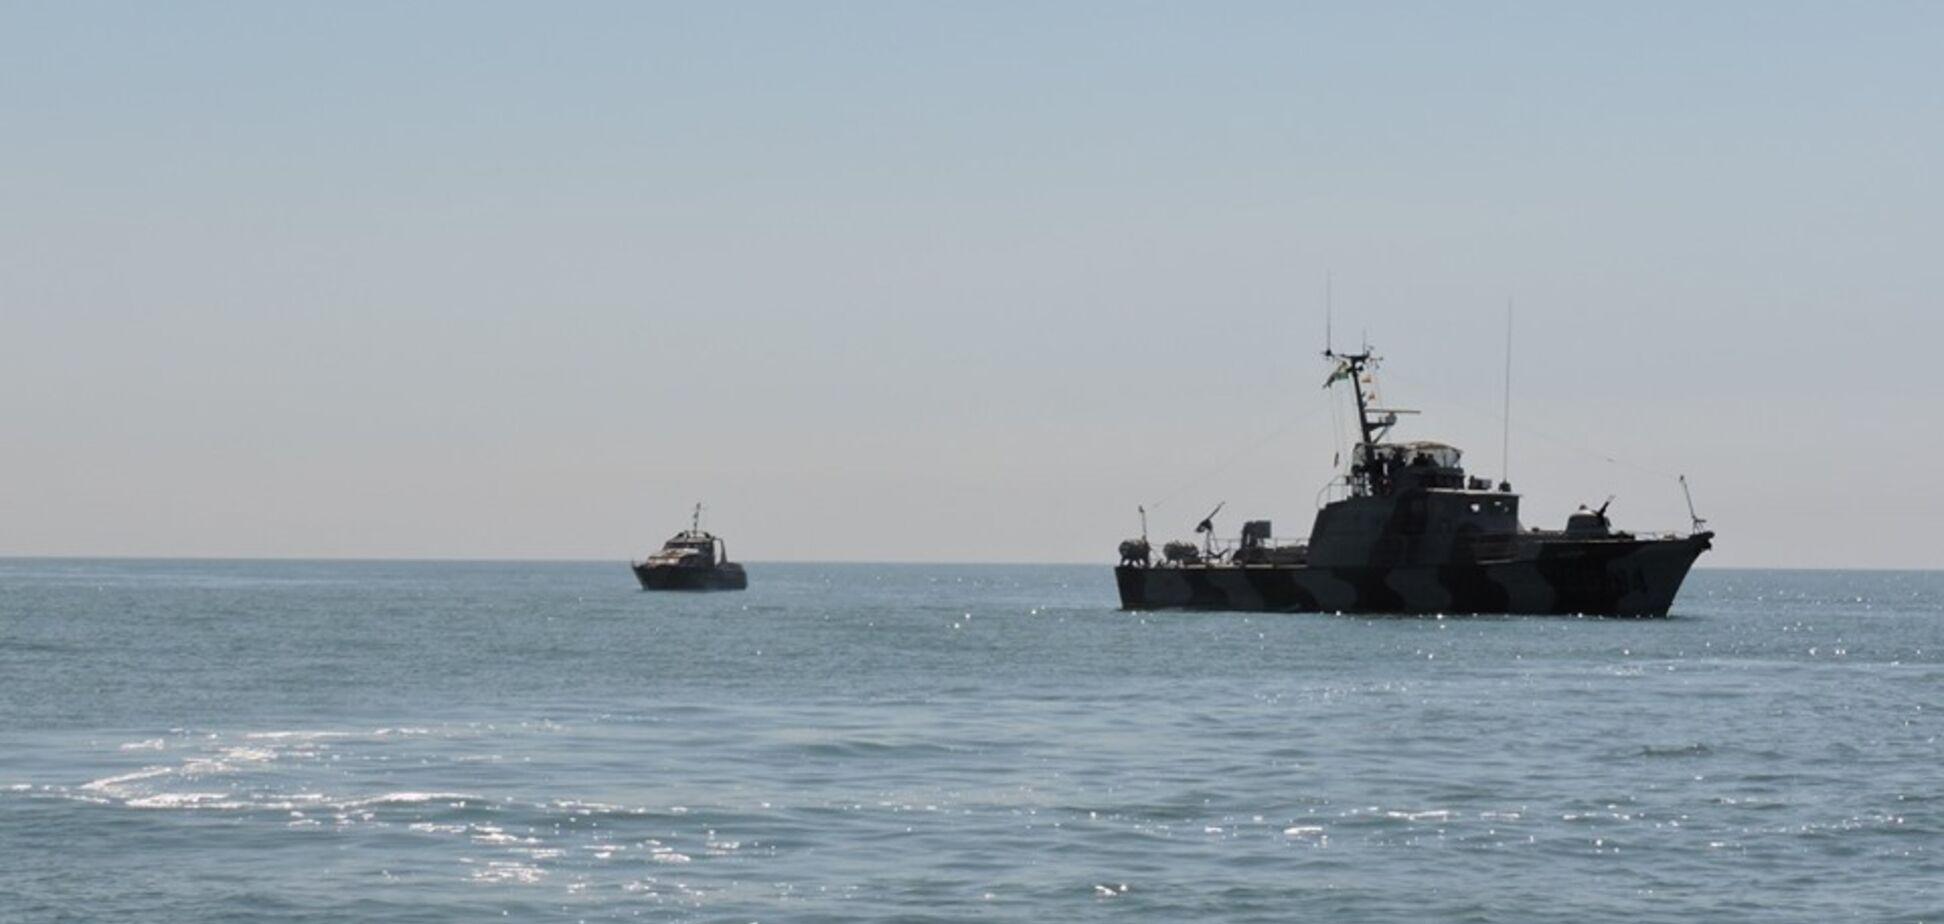 Б'ють зеленим променем: в ООС забили на сполох через кораблі Росії в Азовському морі